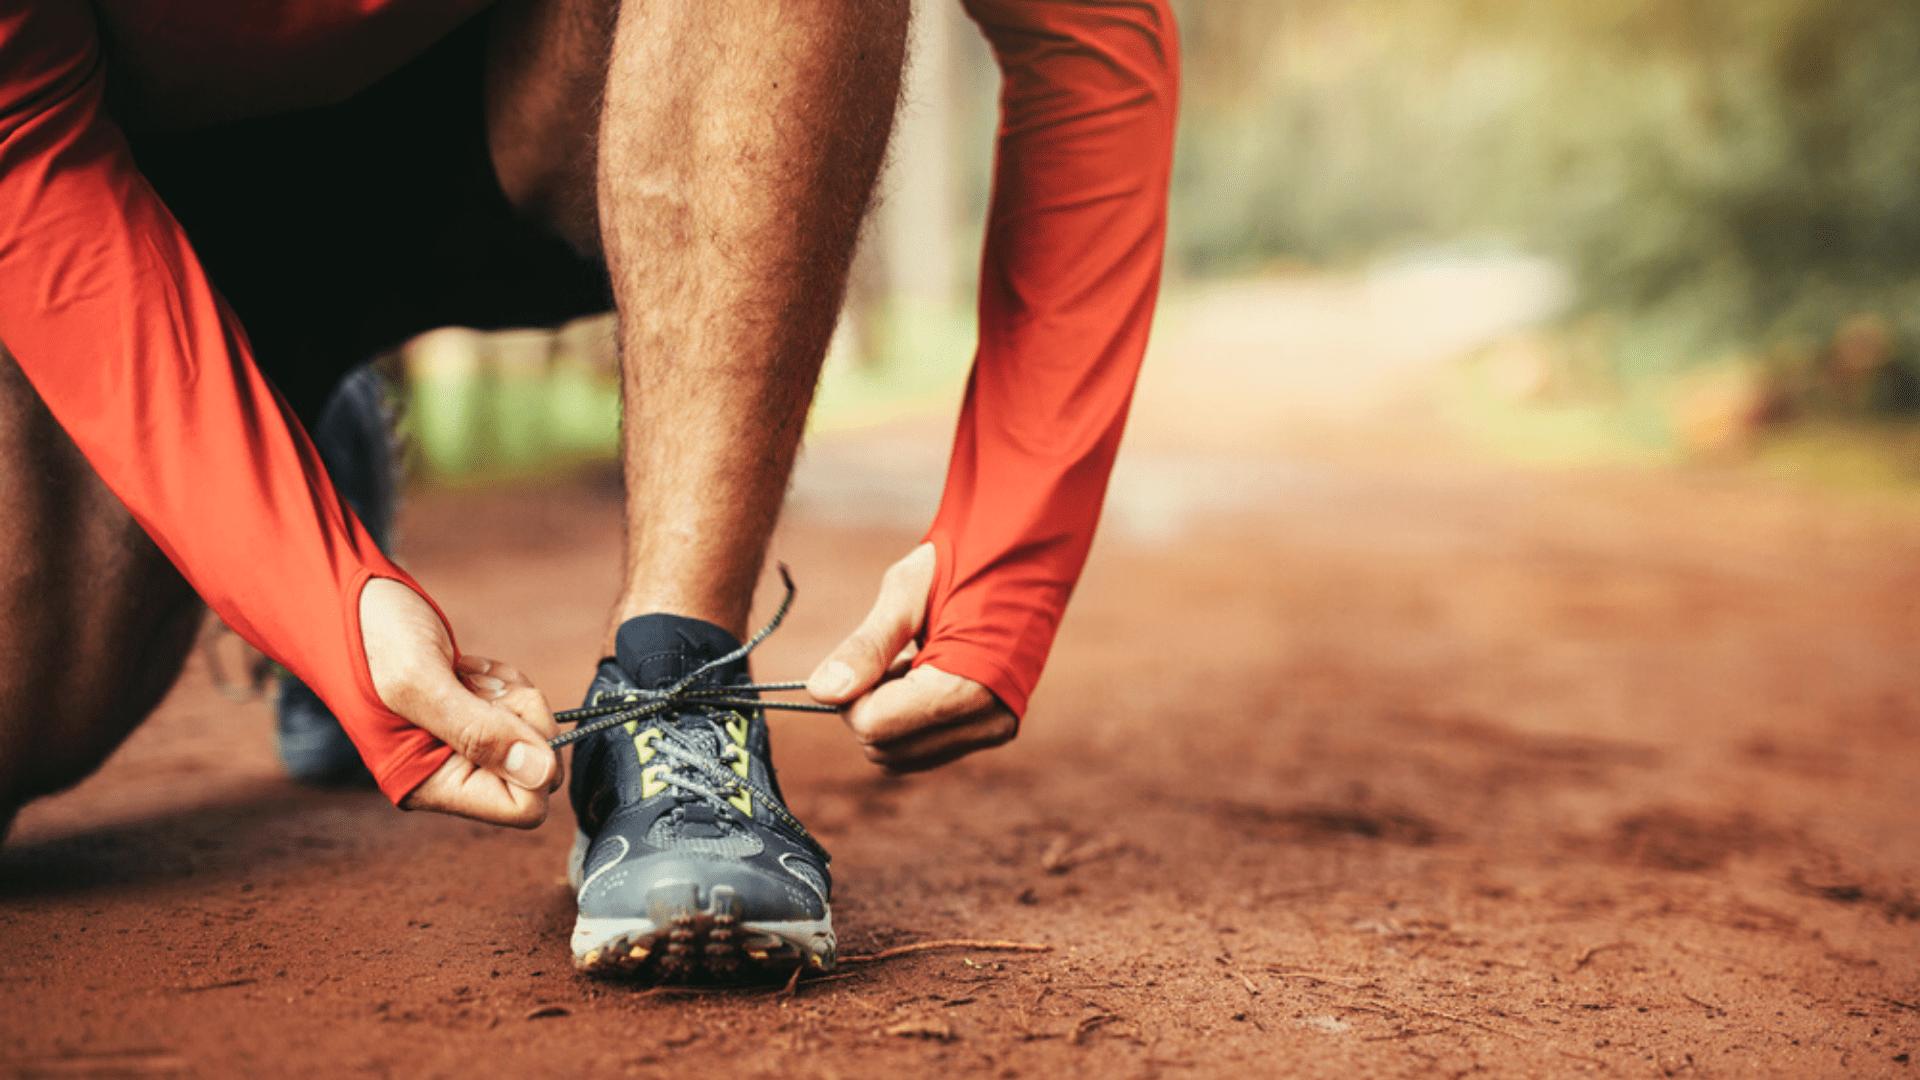 Para caminhar em trilhas, opte por um tênis com boa capacidade de ventilação (Imagem: Reprodução/Shutterstock)